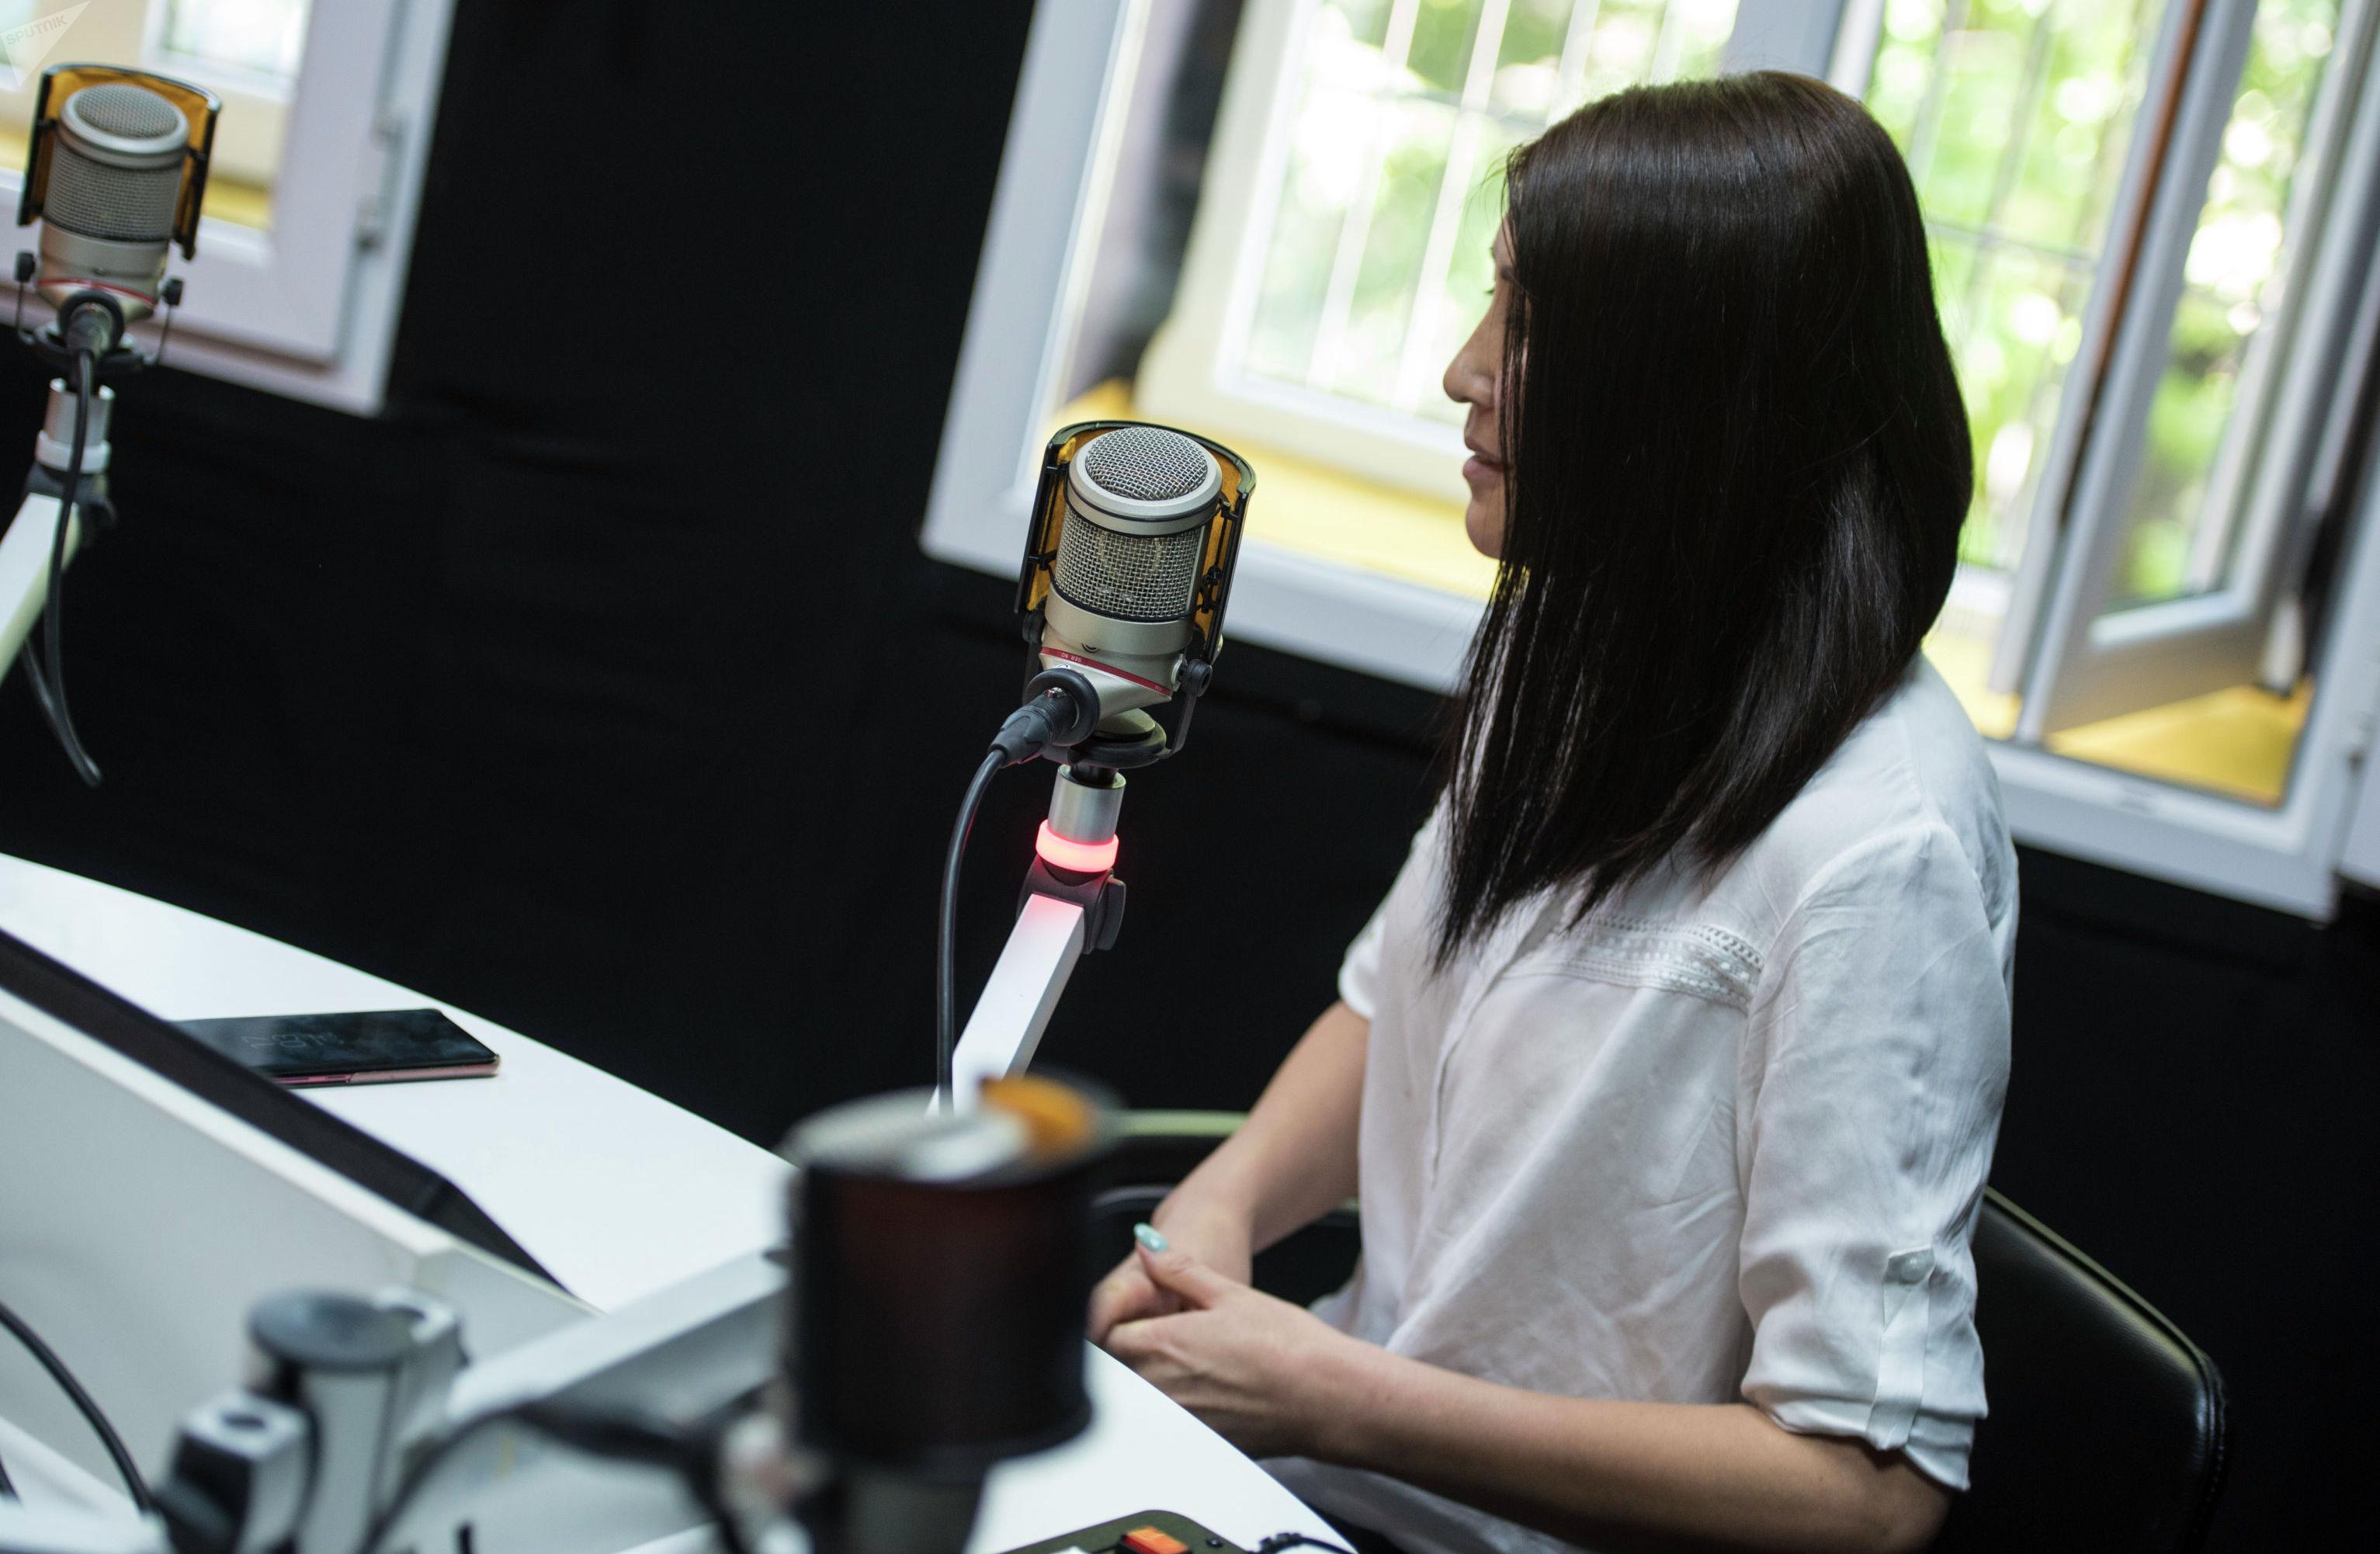 Журналист Sputnik Кыргызстан Бегимай Бакашева во время интервью в рамках проекта Интервью наоборот